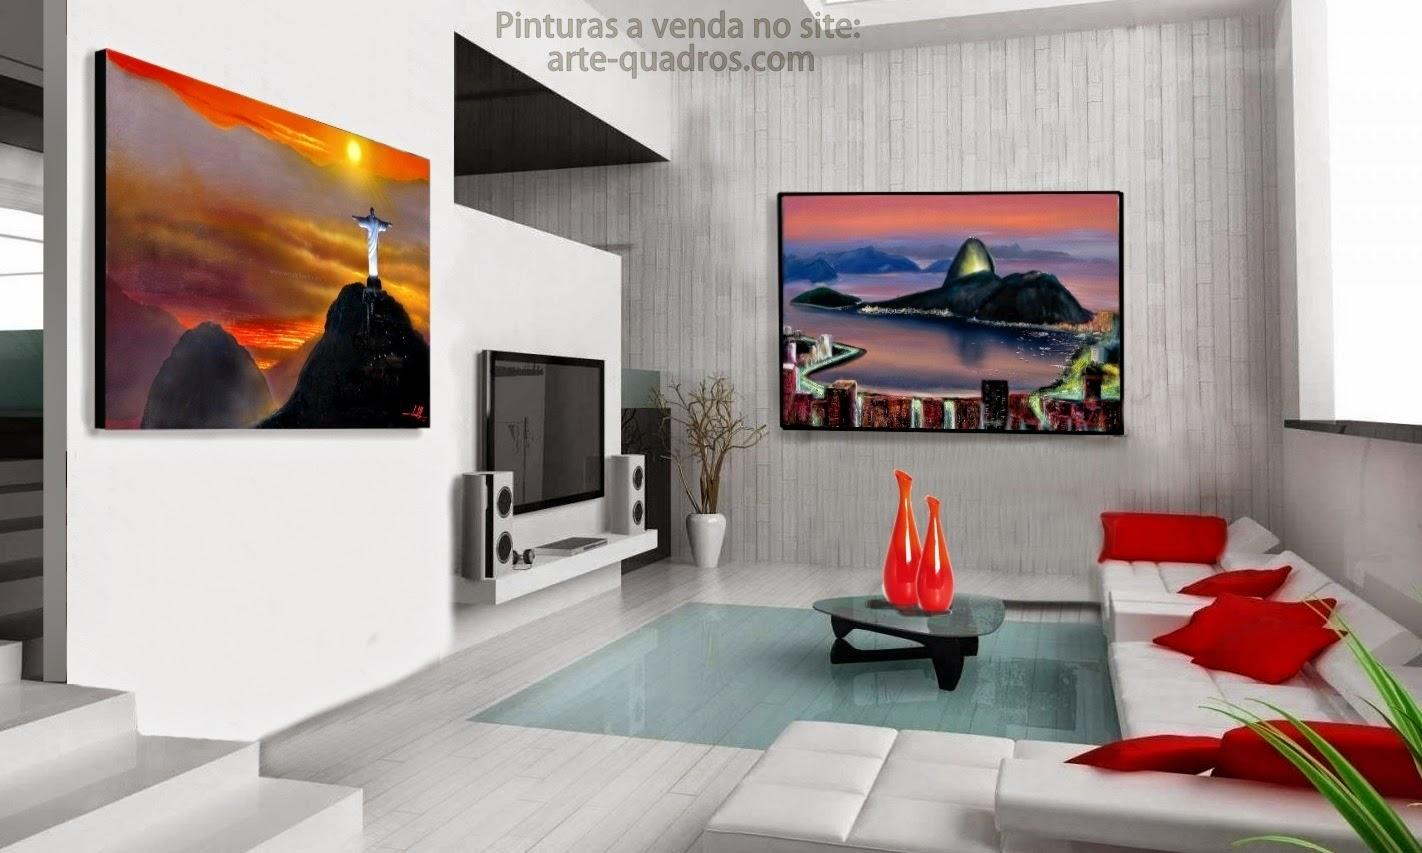 Venda de quadros com pinturas originais artes pl sticas - Telas decorativas para paredes ...